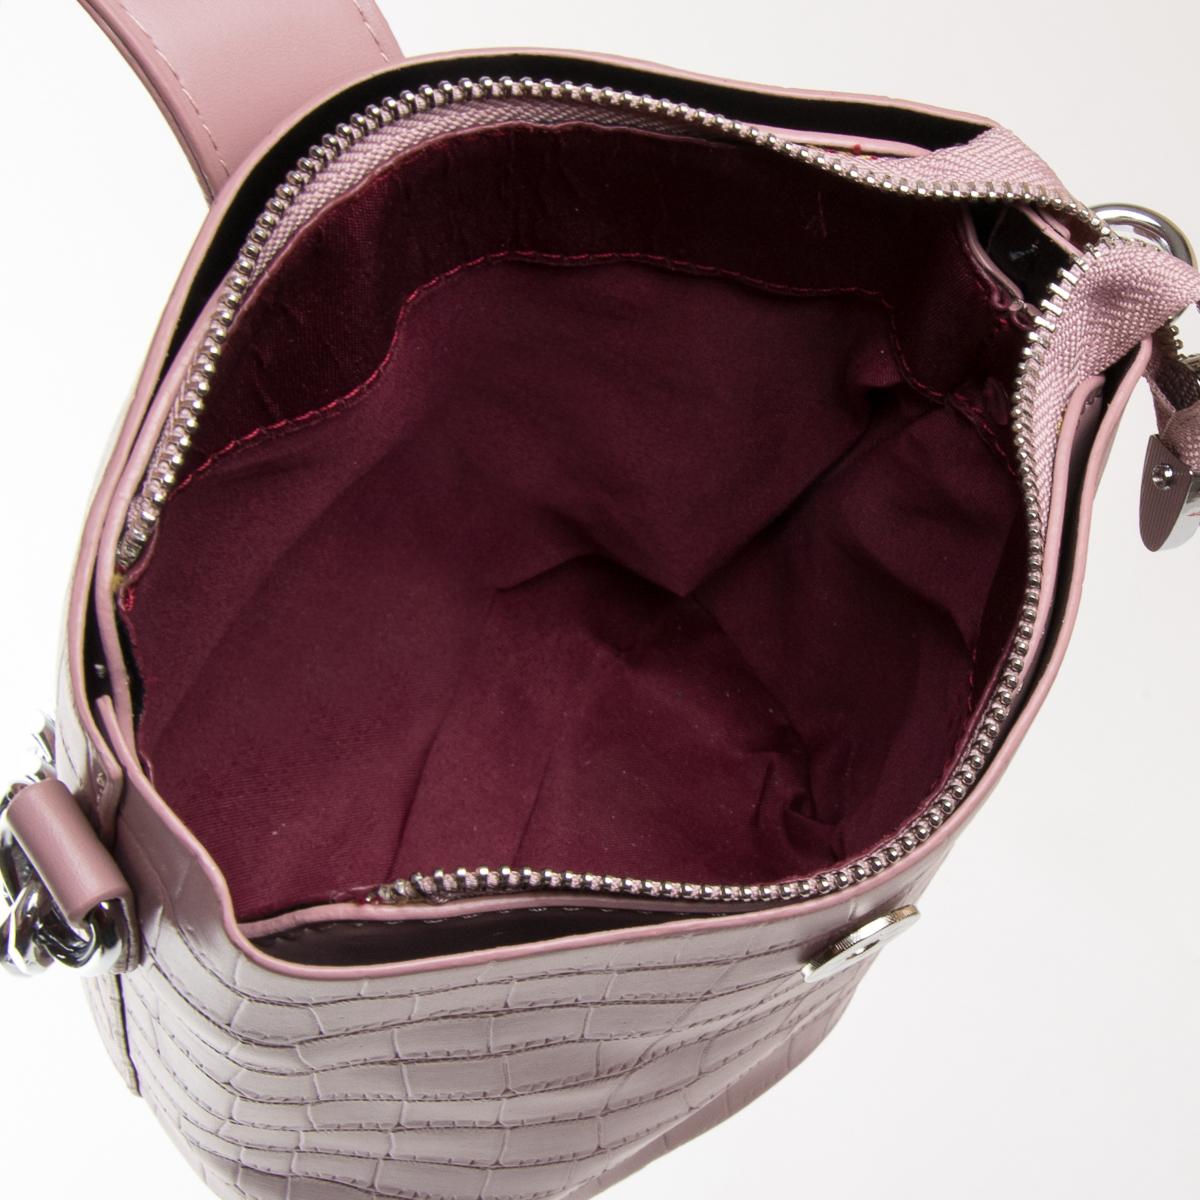 Сумка Женская Классическая иск-кожа FASHION 01-04 16909 pink - фото 5